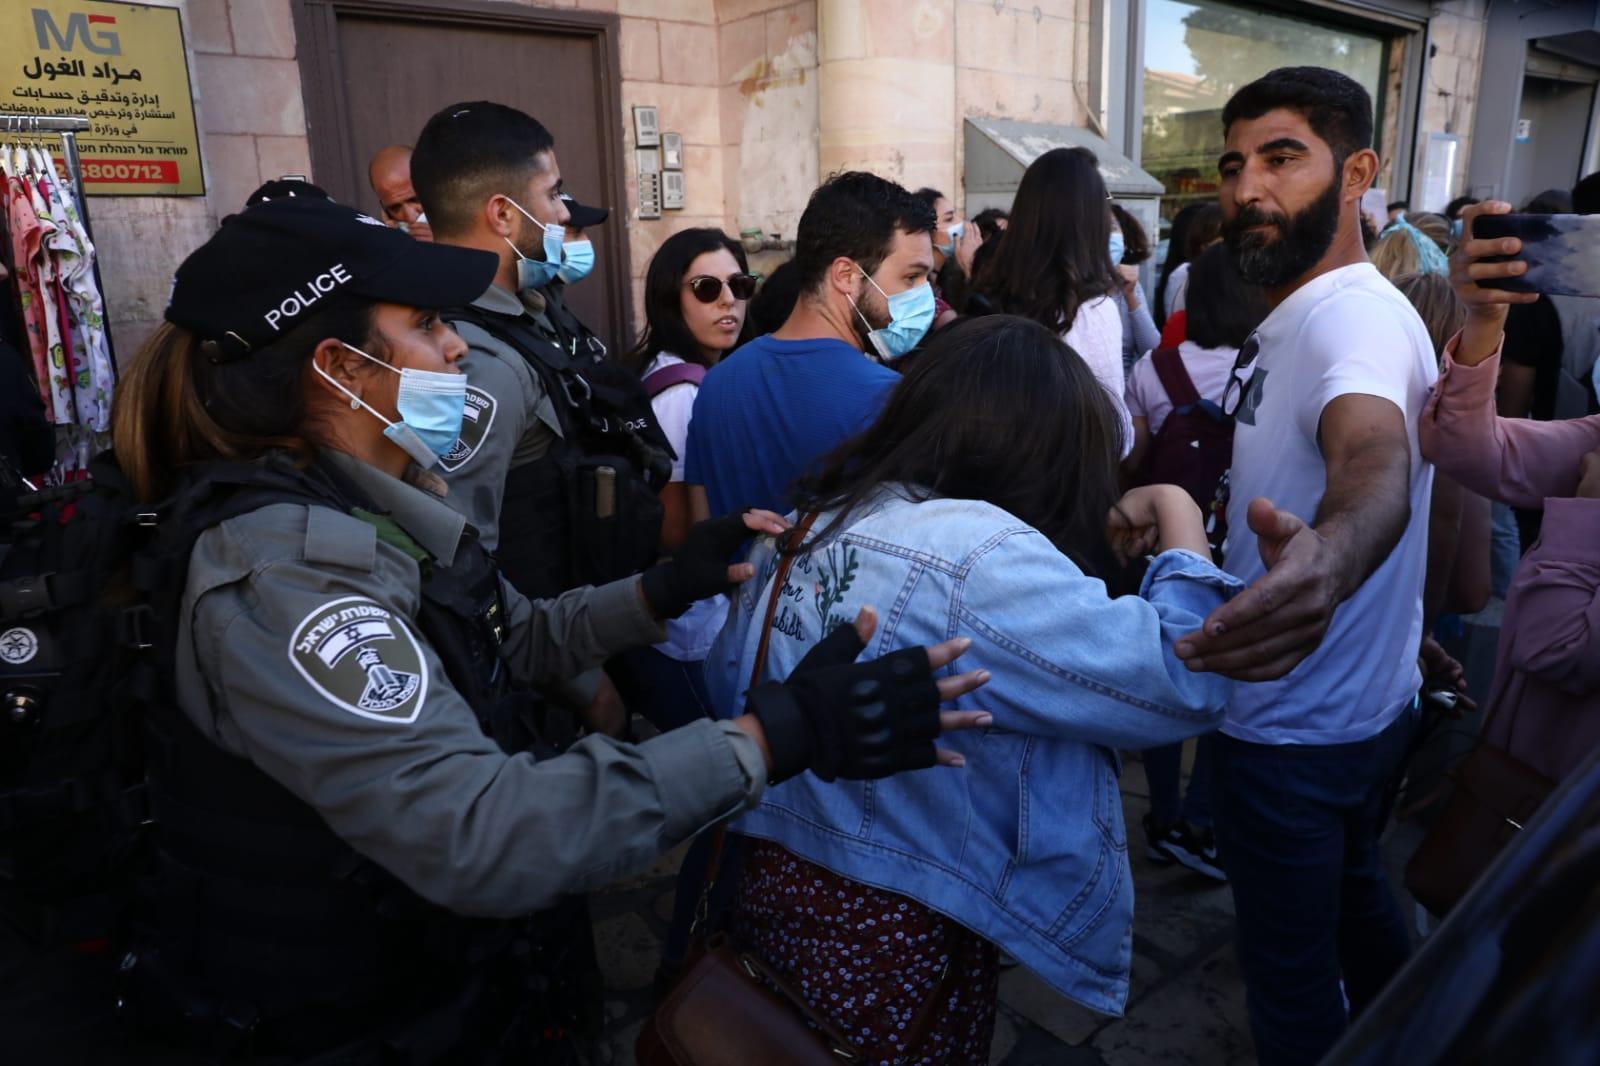 מפגינות בסלאח א-דין במזרח ירושלים במחאה על רצח איאד אלחלאק (אורן זיו)